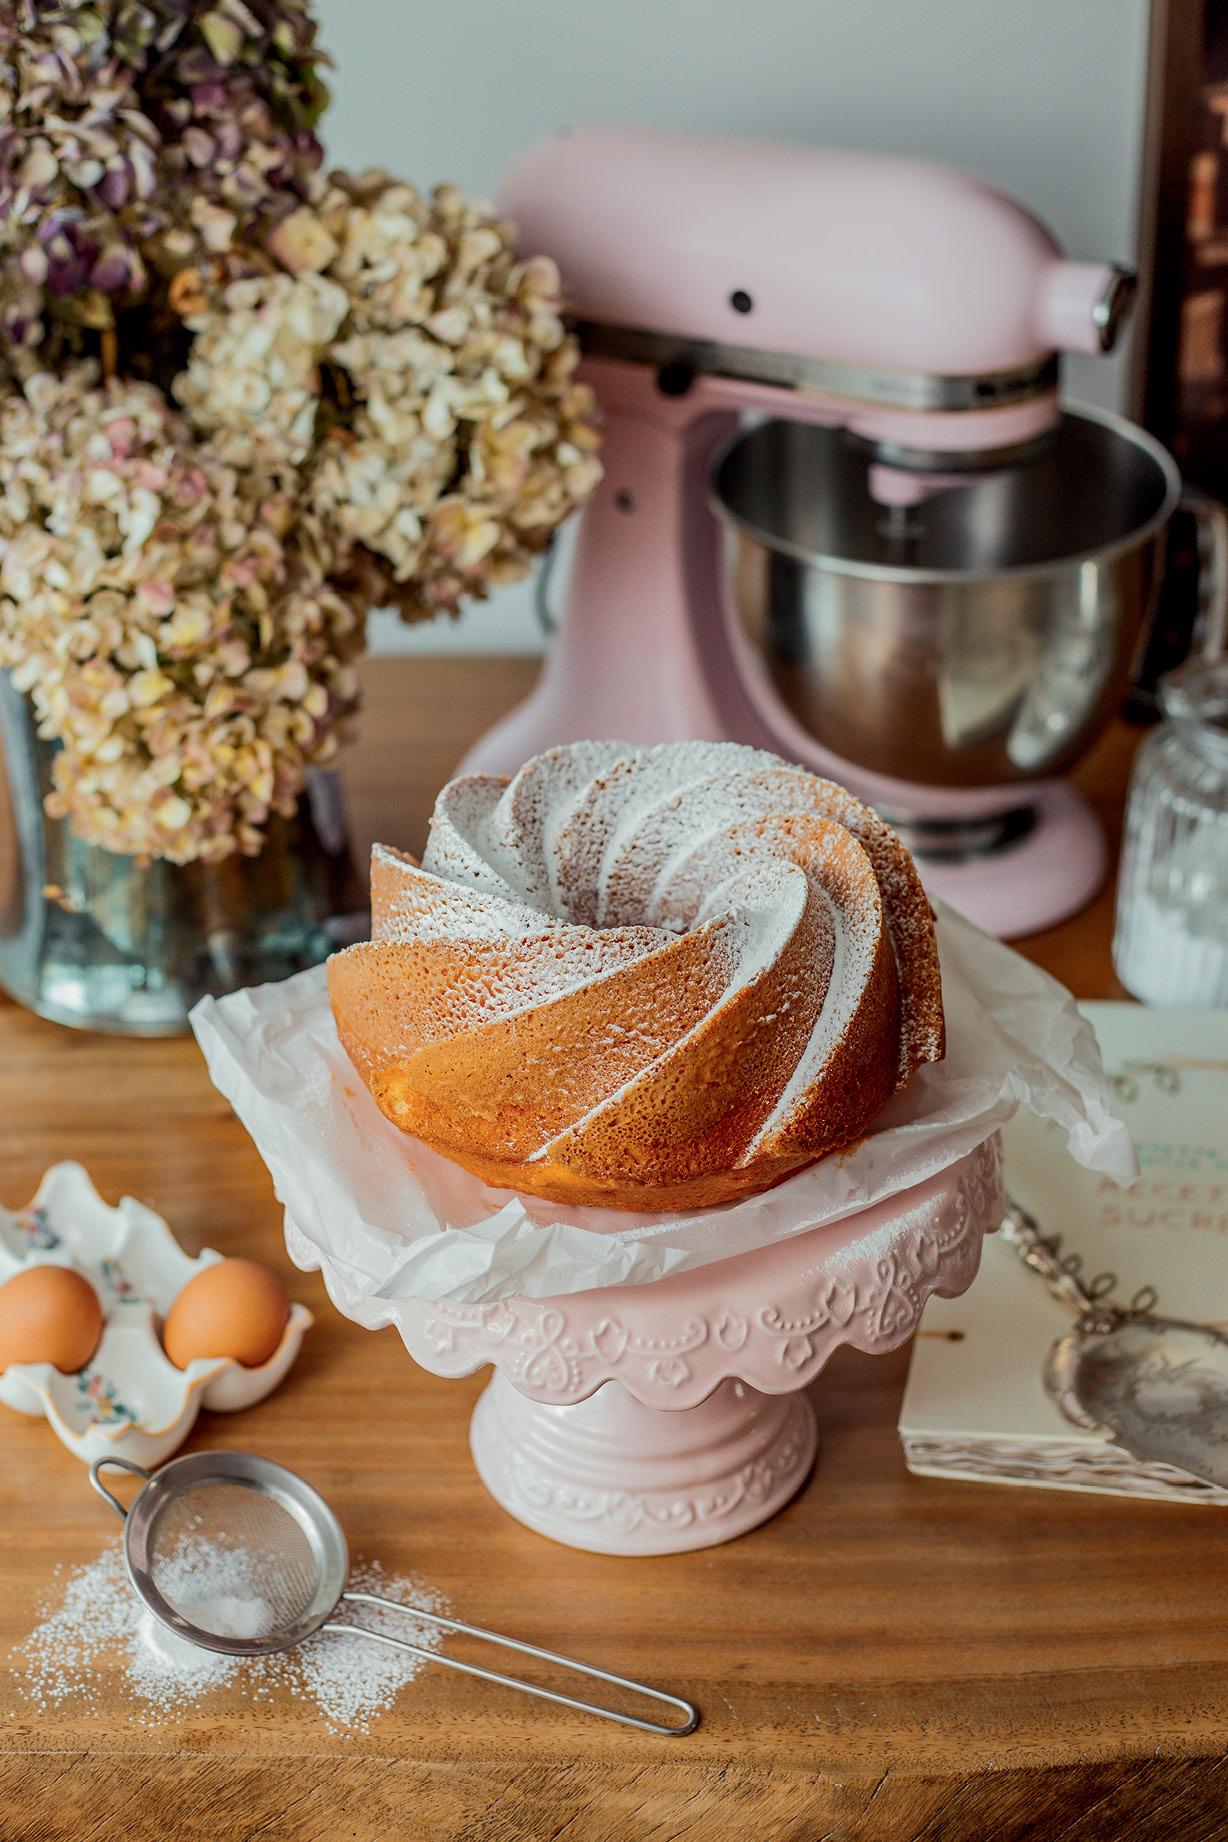 bolo de tangerina sobre boleira na mesa